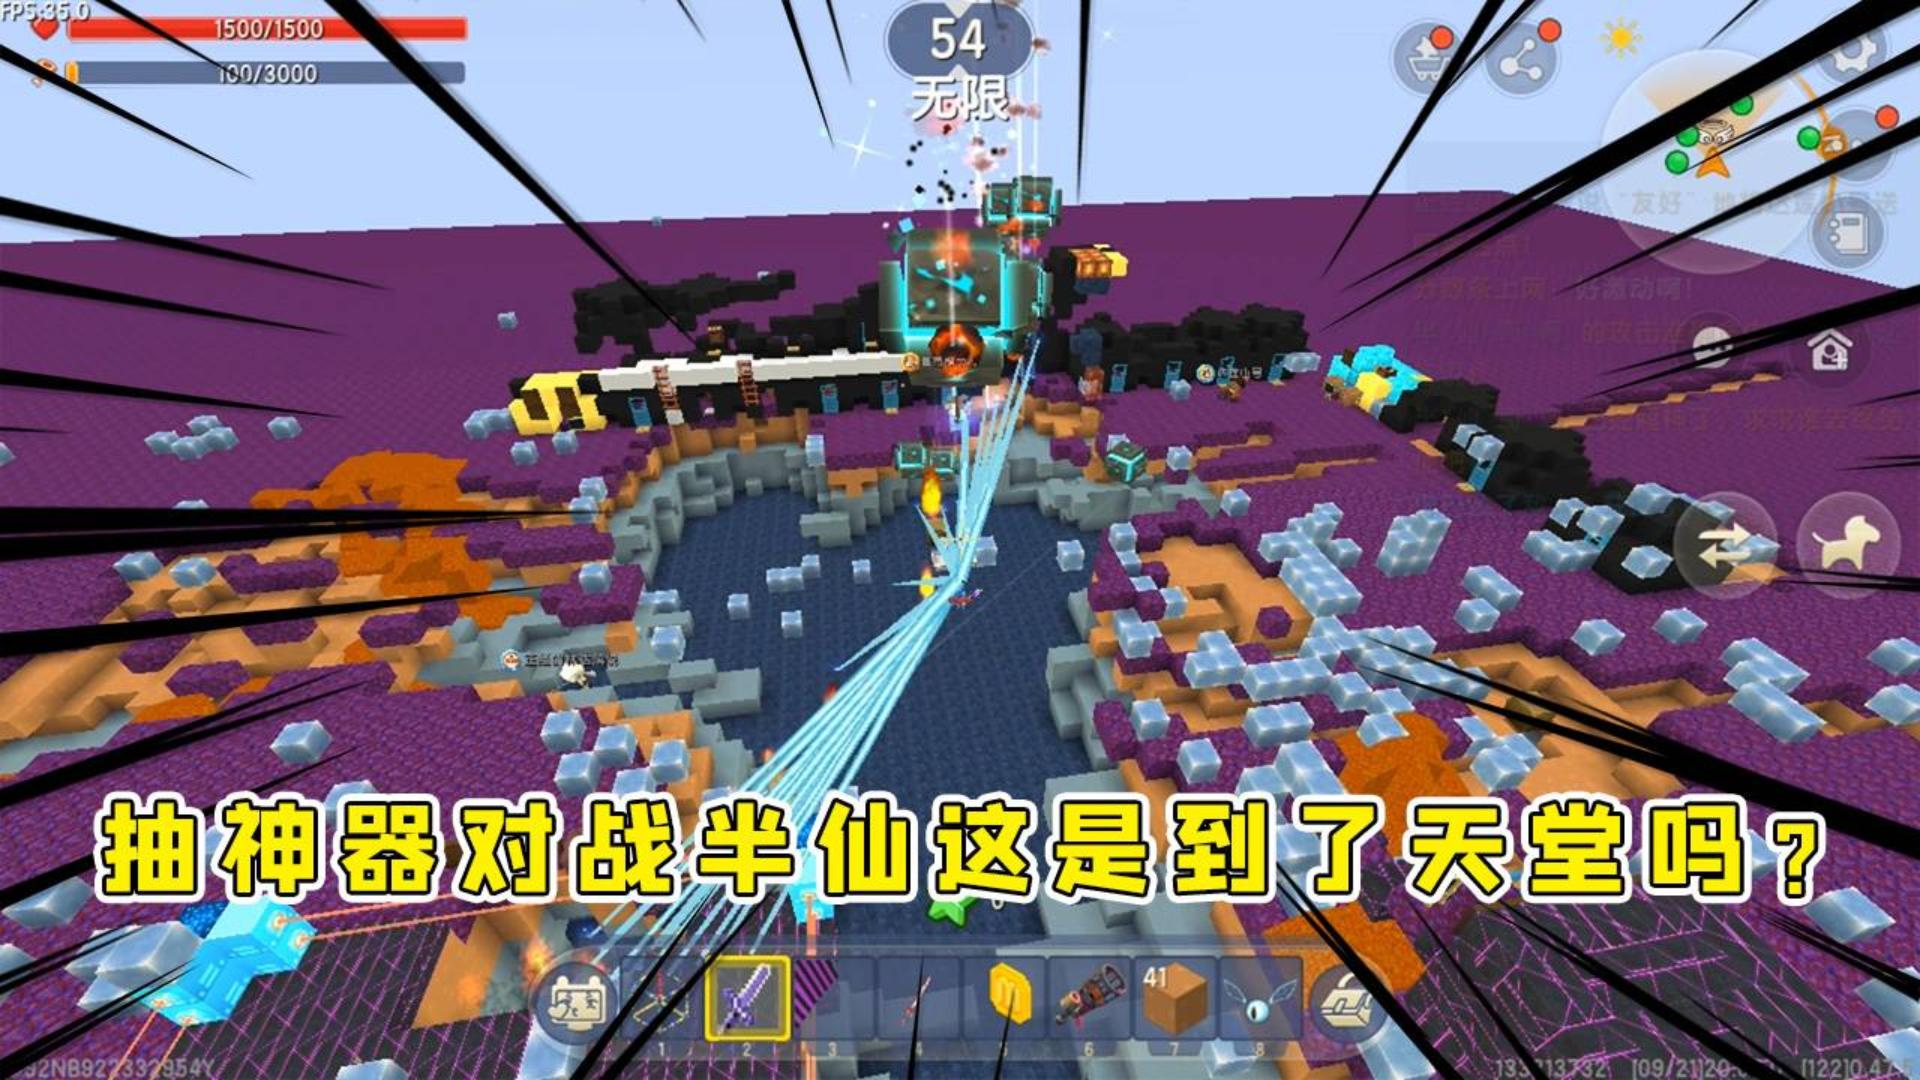 迷你世界:抽神器对战,伙伴送给半仙一把炸图神器,直接起飞喽!